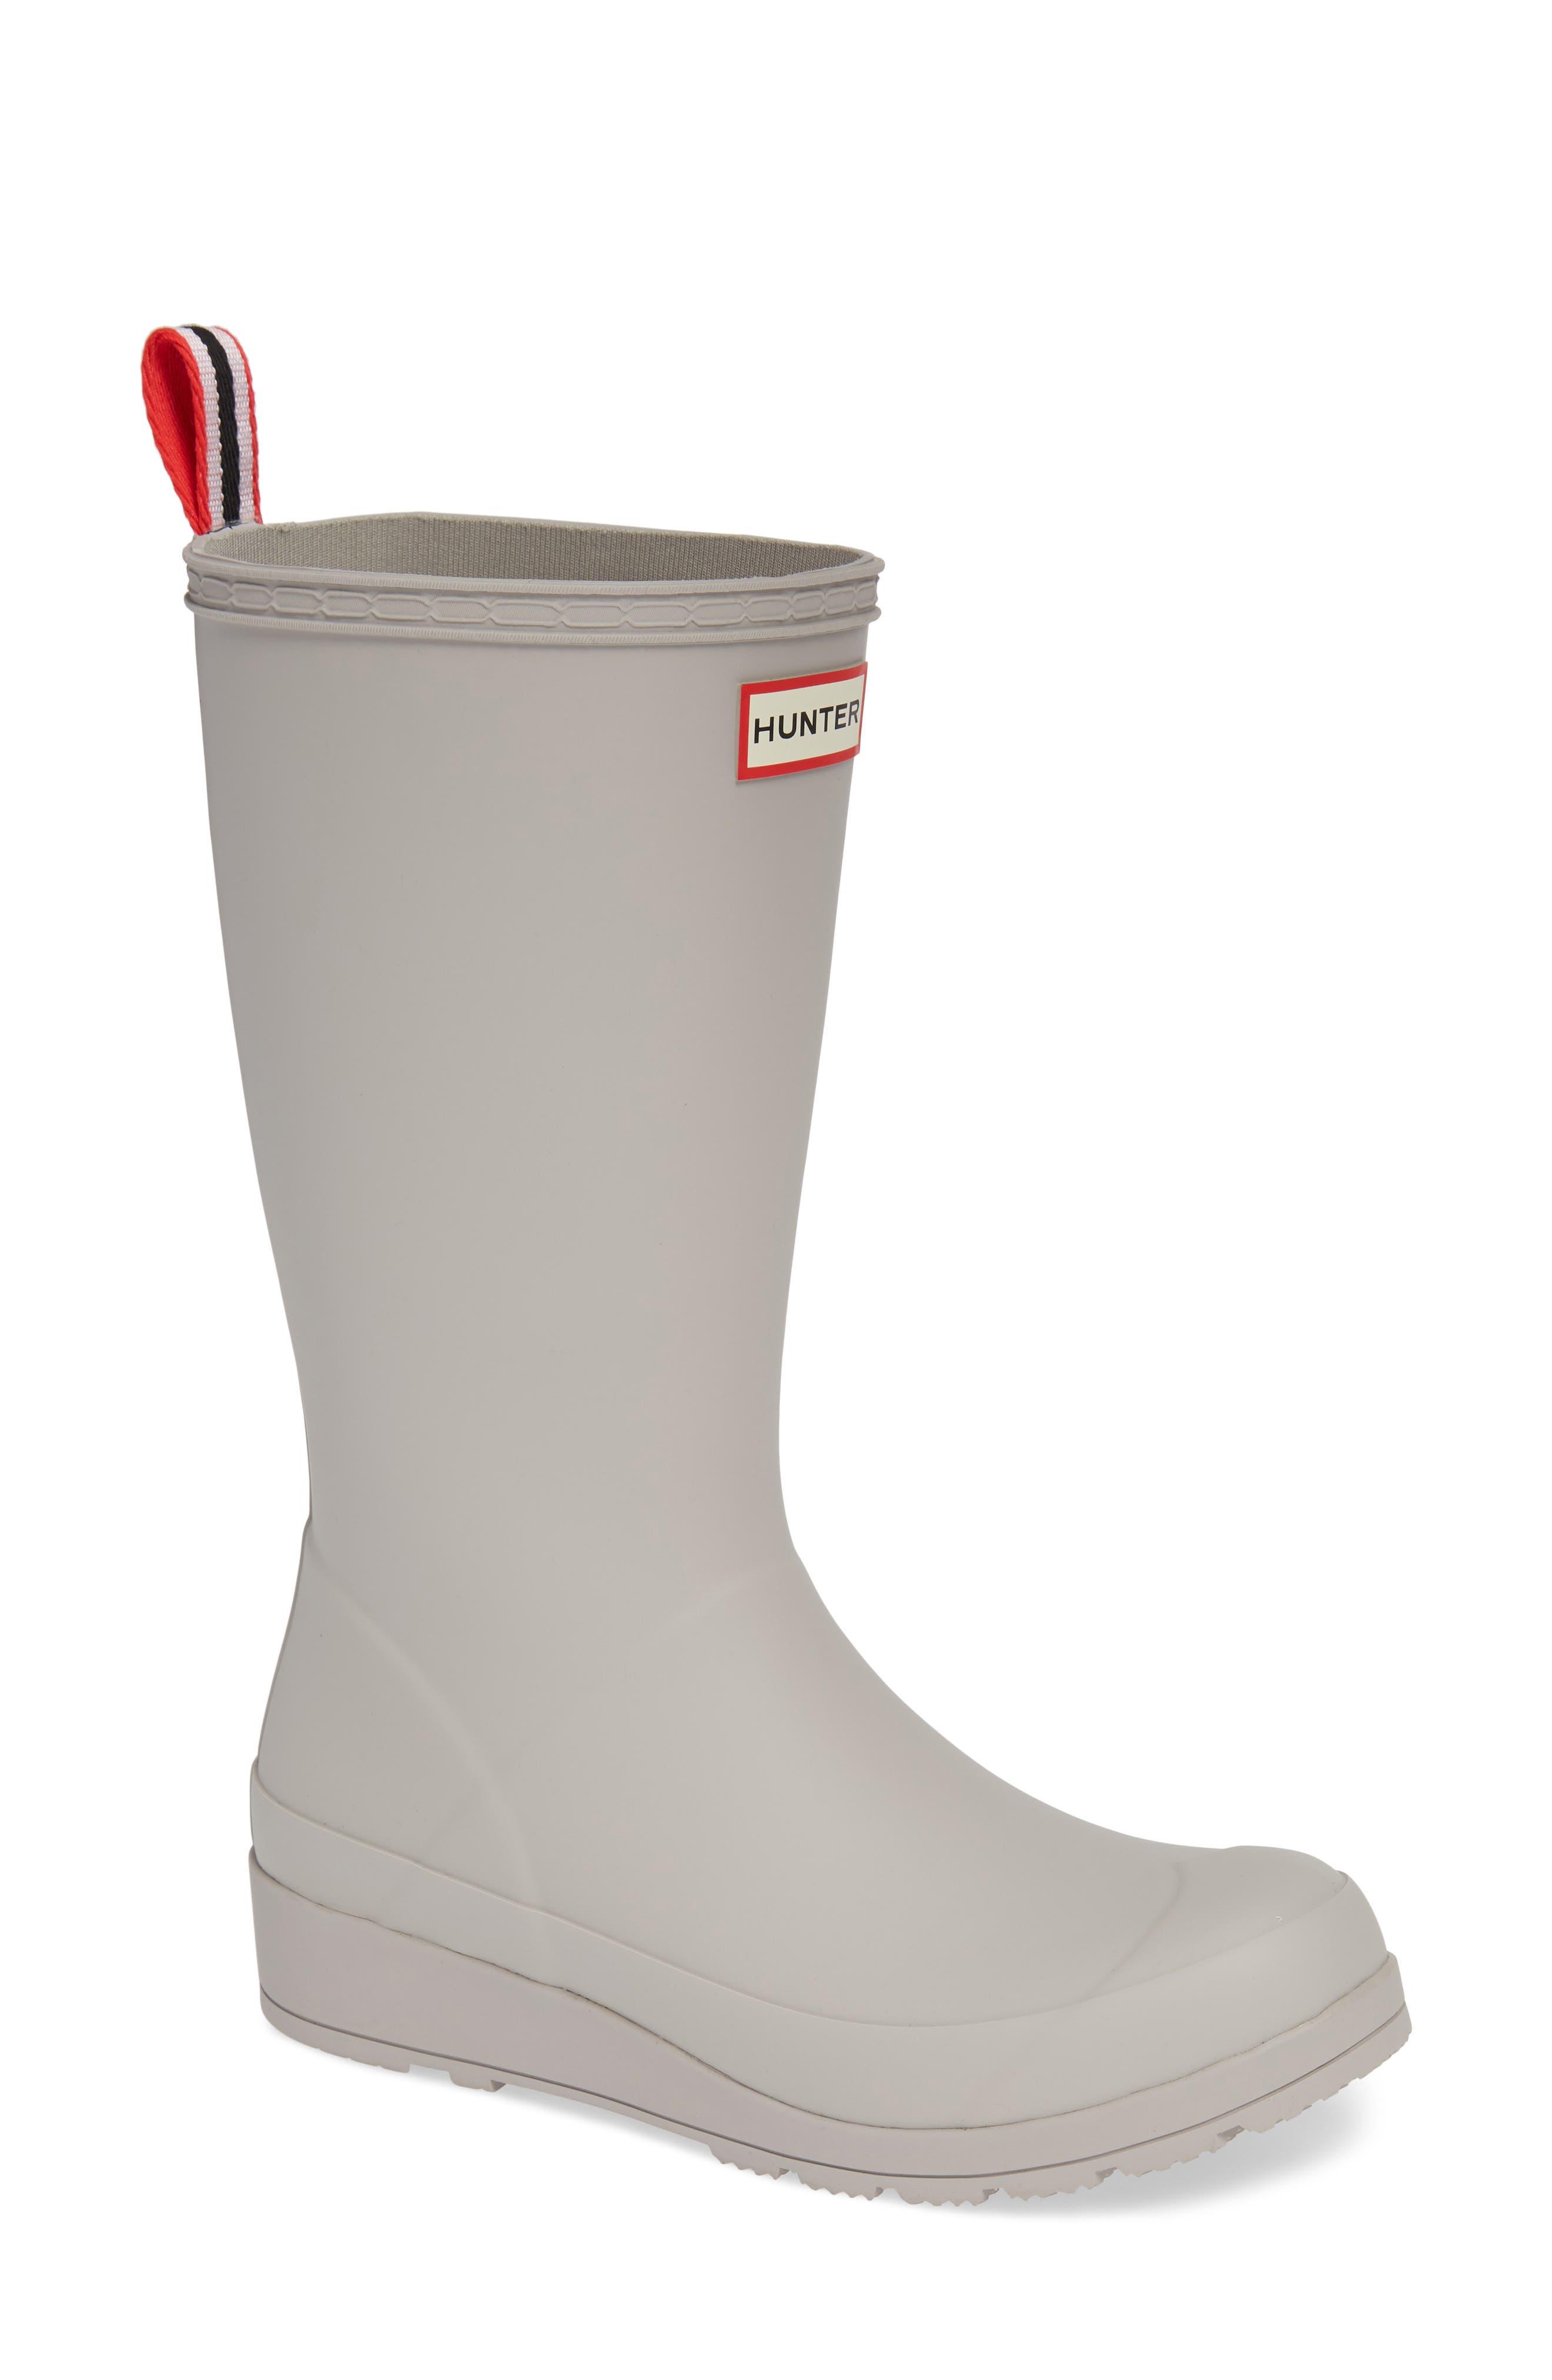 HUNTER Original Play Tall Waterproof Rain Boot, Main, color, ZINC